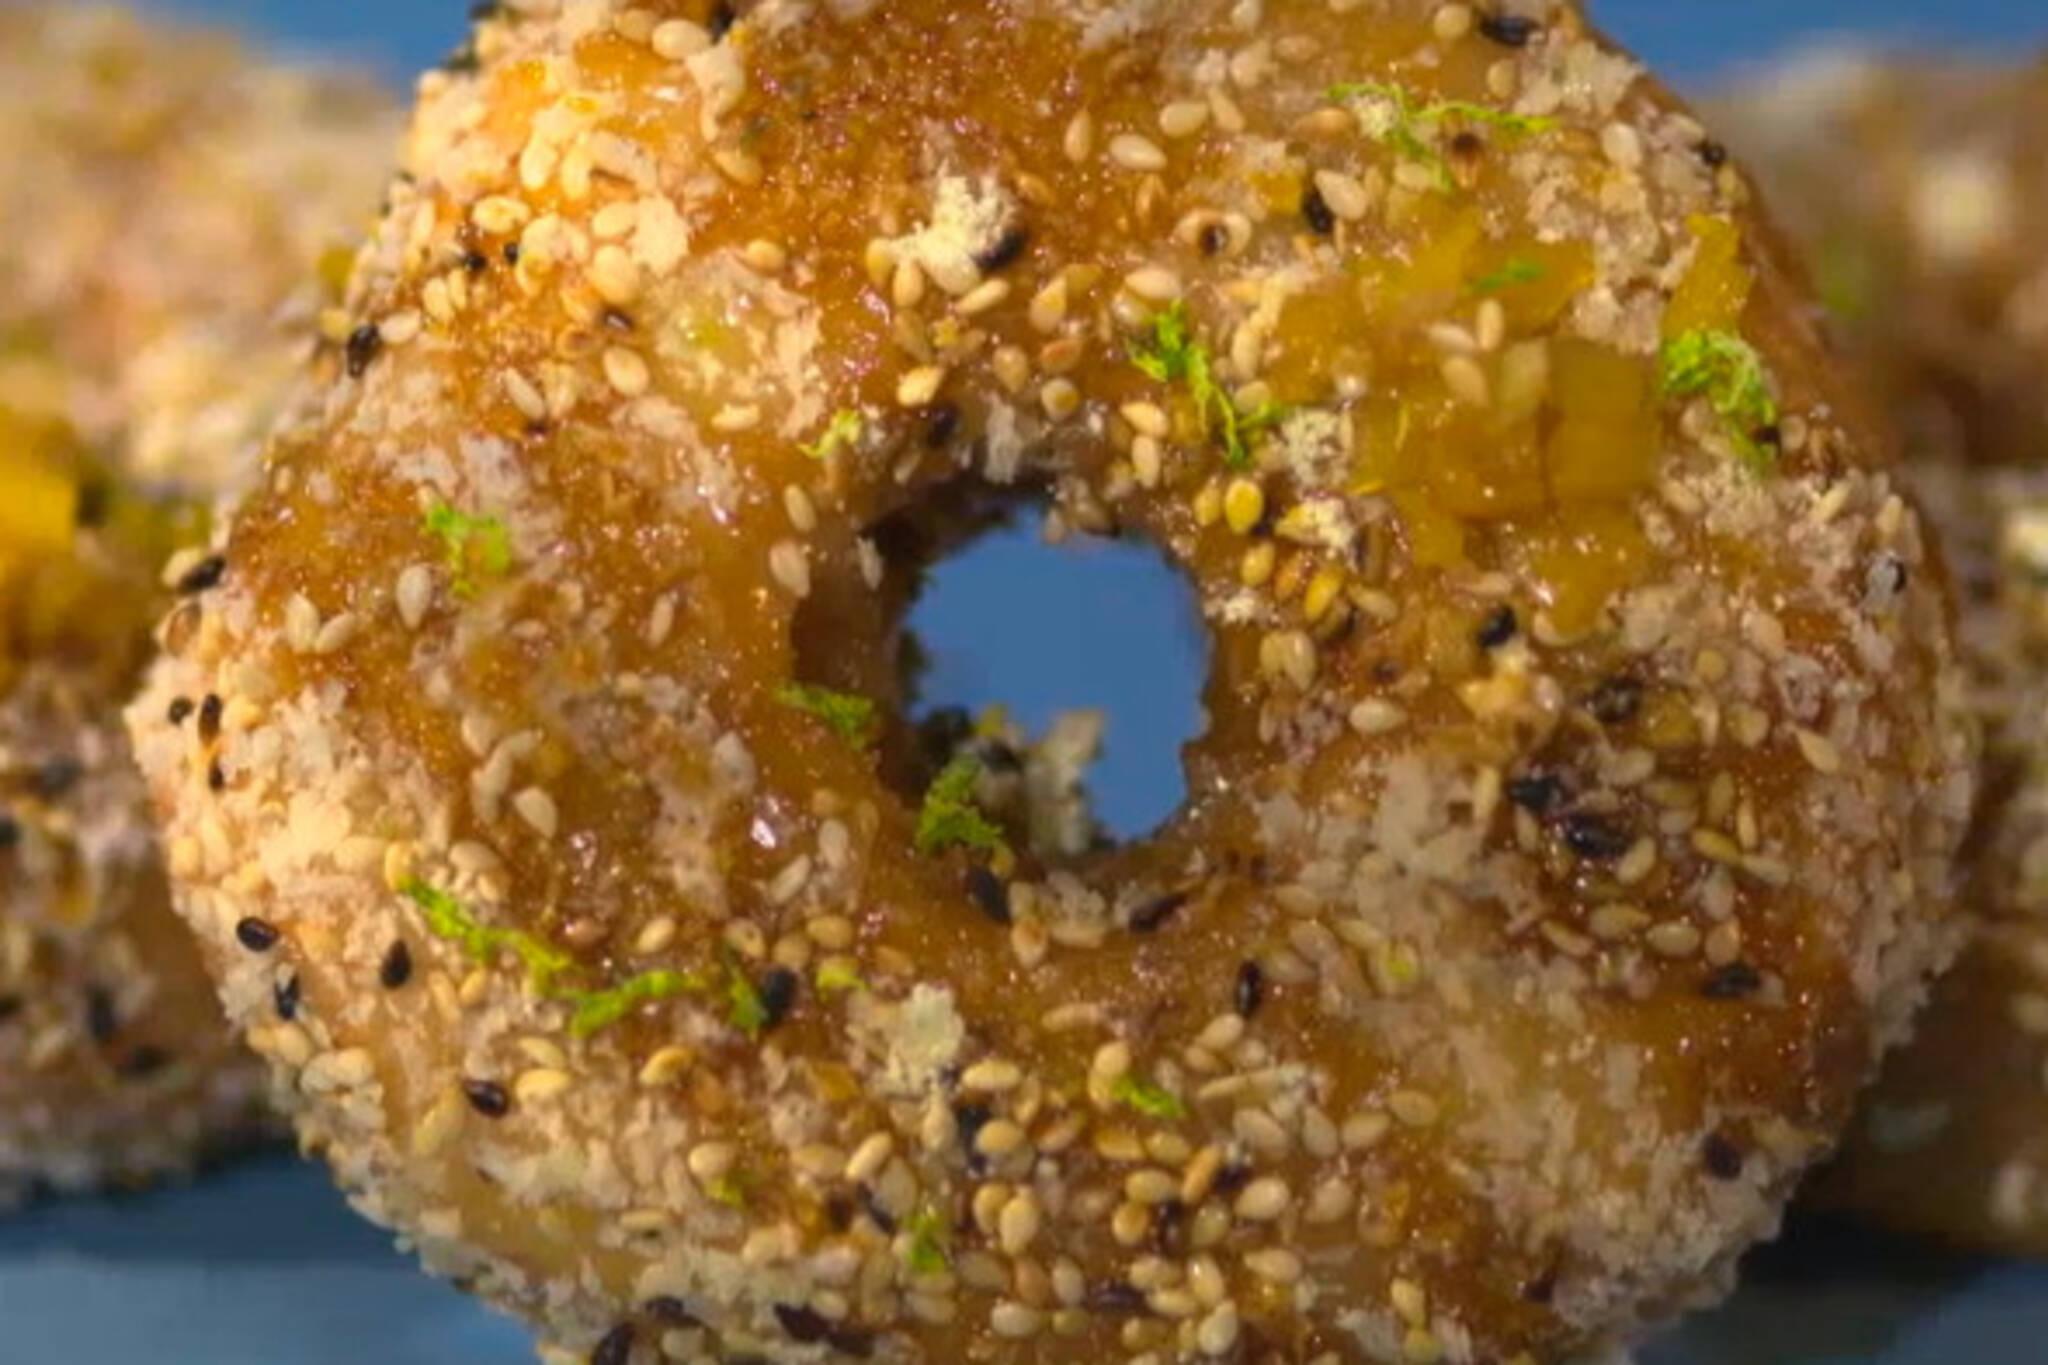 donut showdown toronto